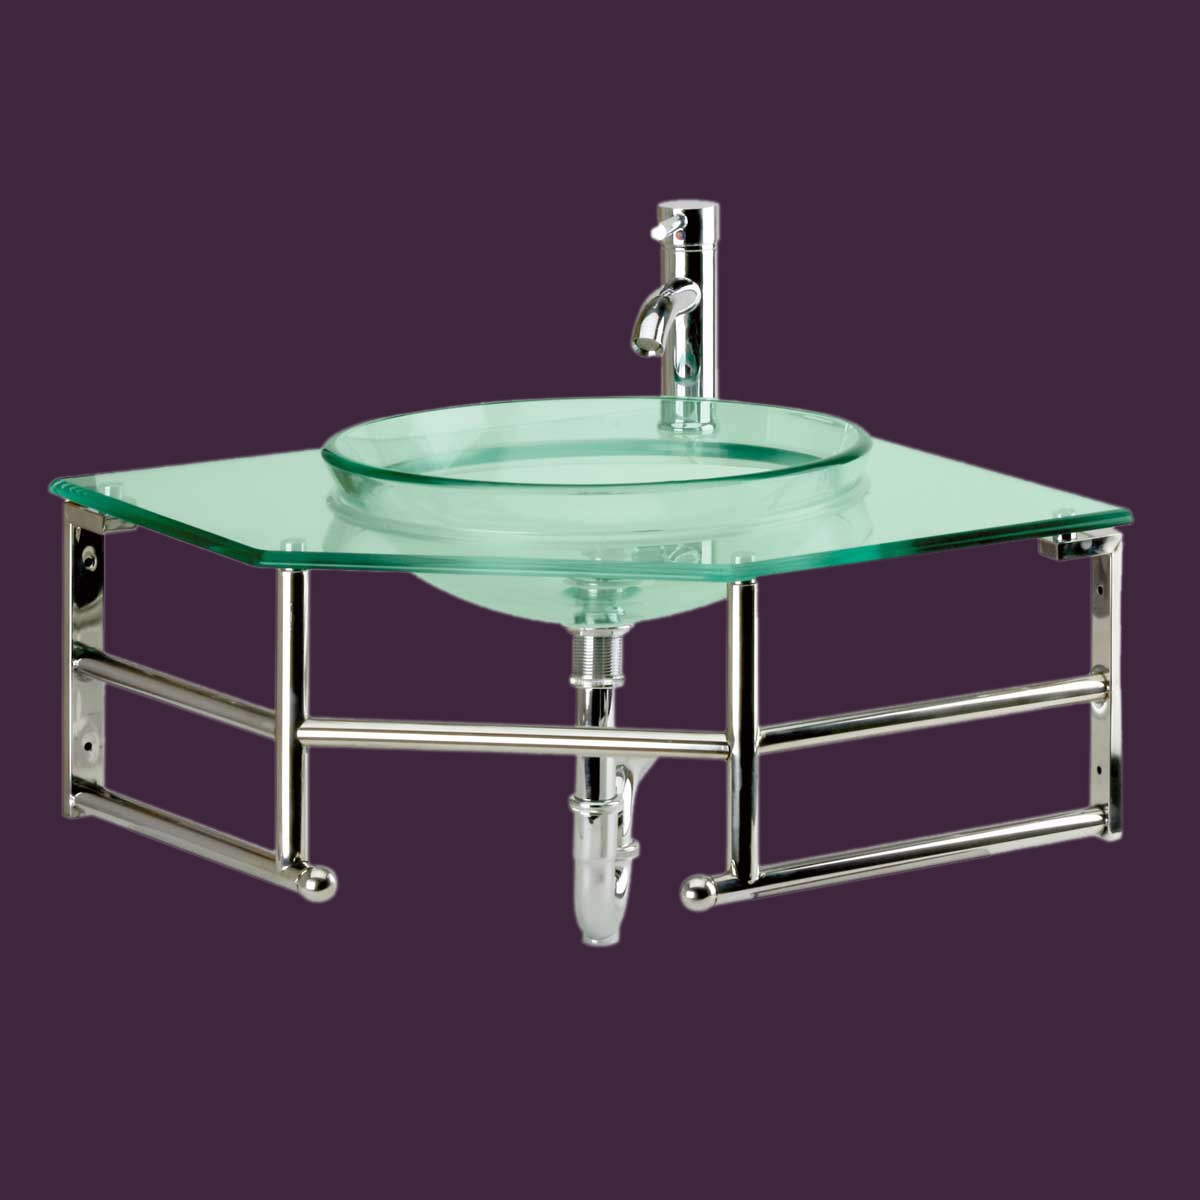 Corner Bar Sink : Select a color